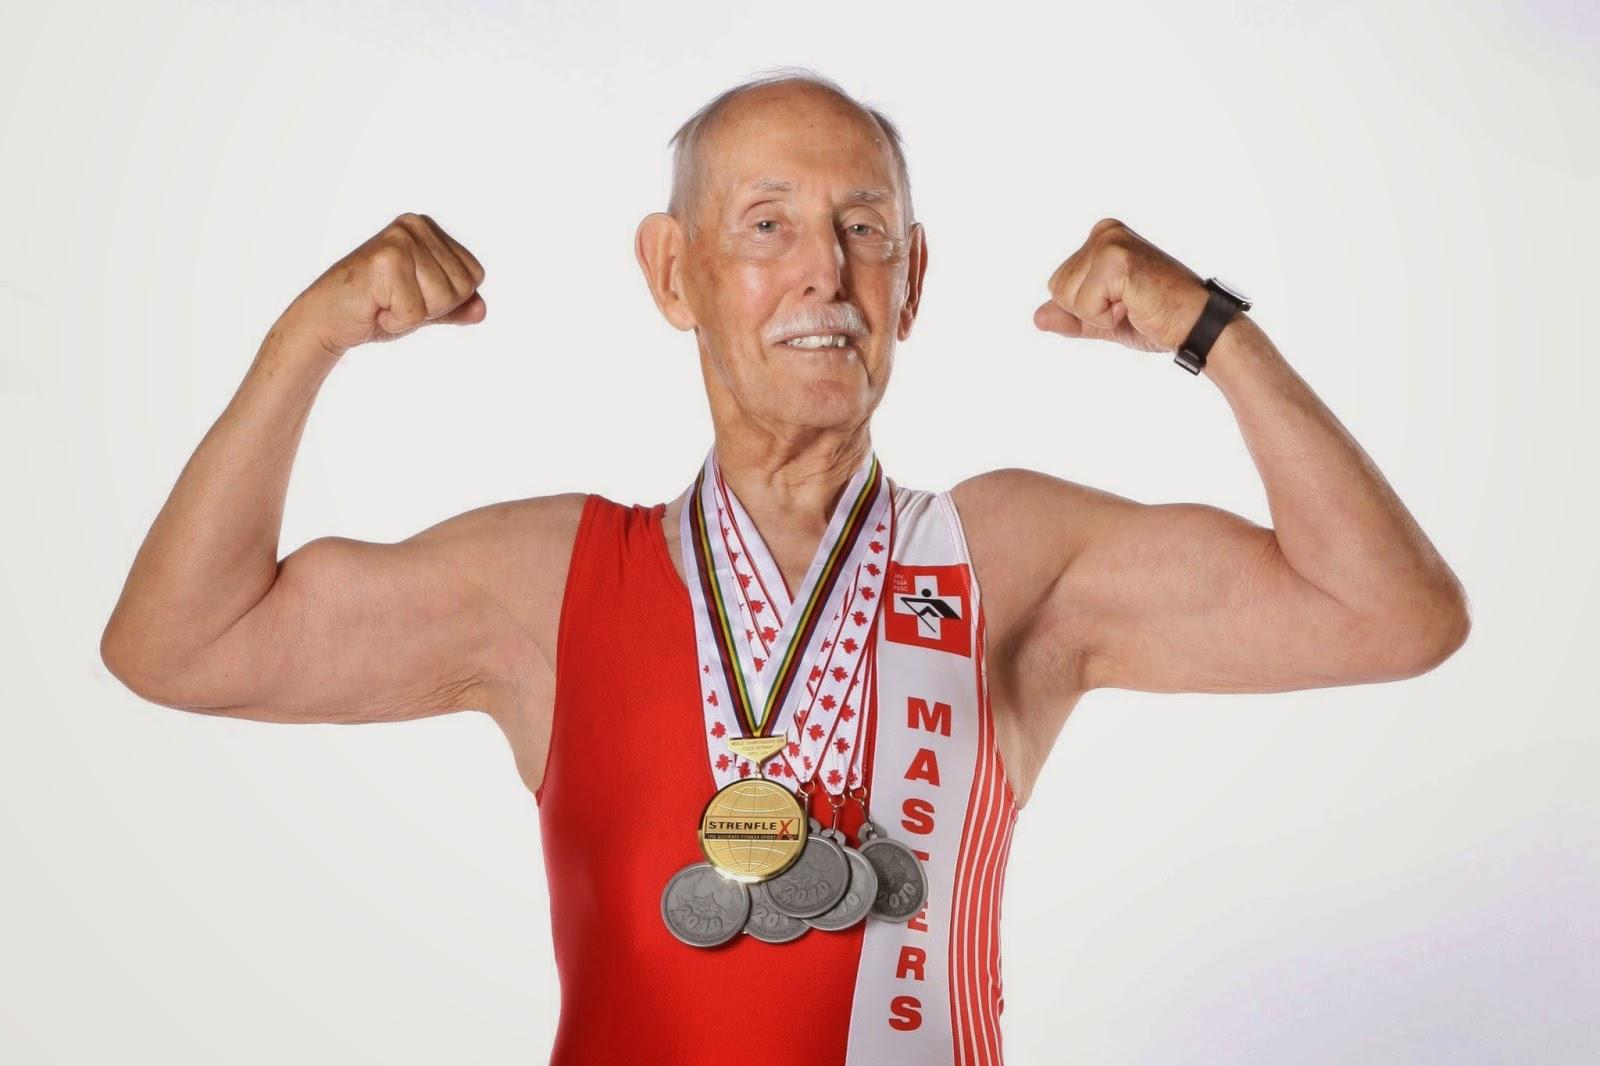 Чарльз Югстер - 95-летний рекордсмен спорта